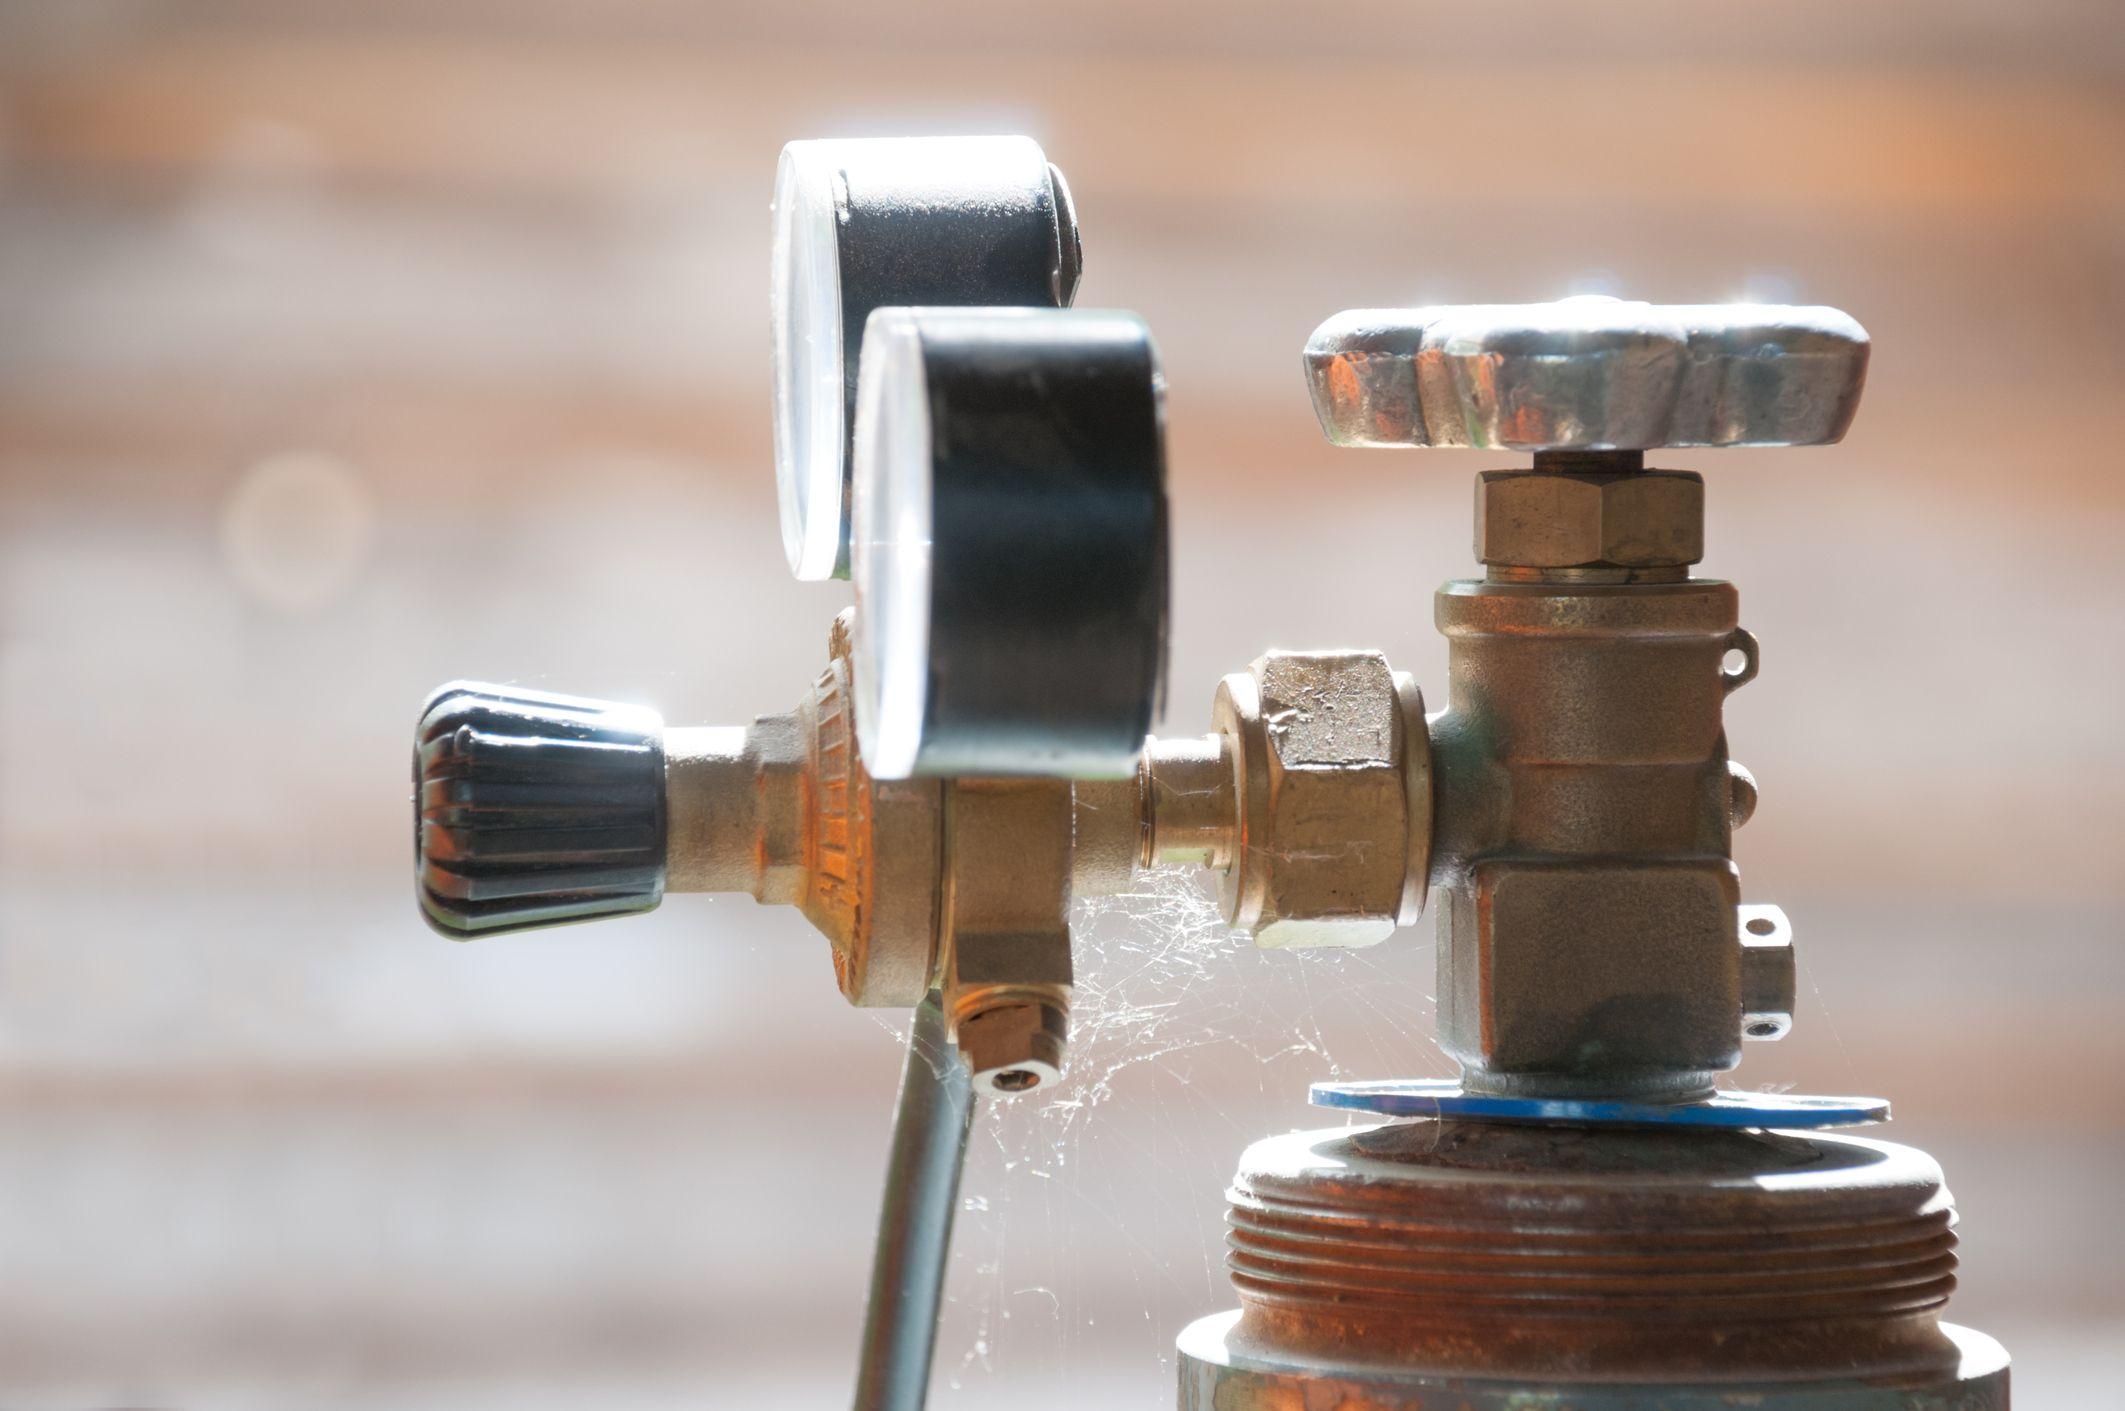 Venta de gases alimentación y especiales en Álava